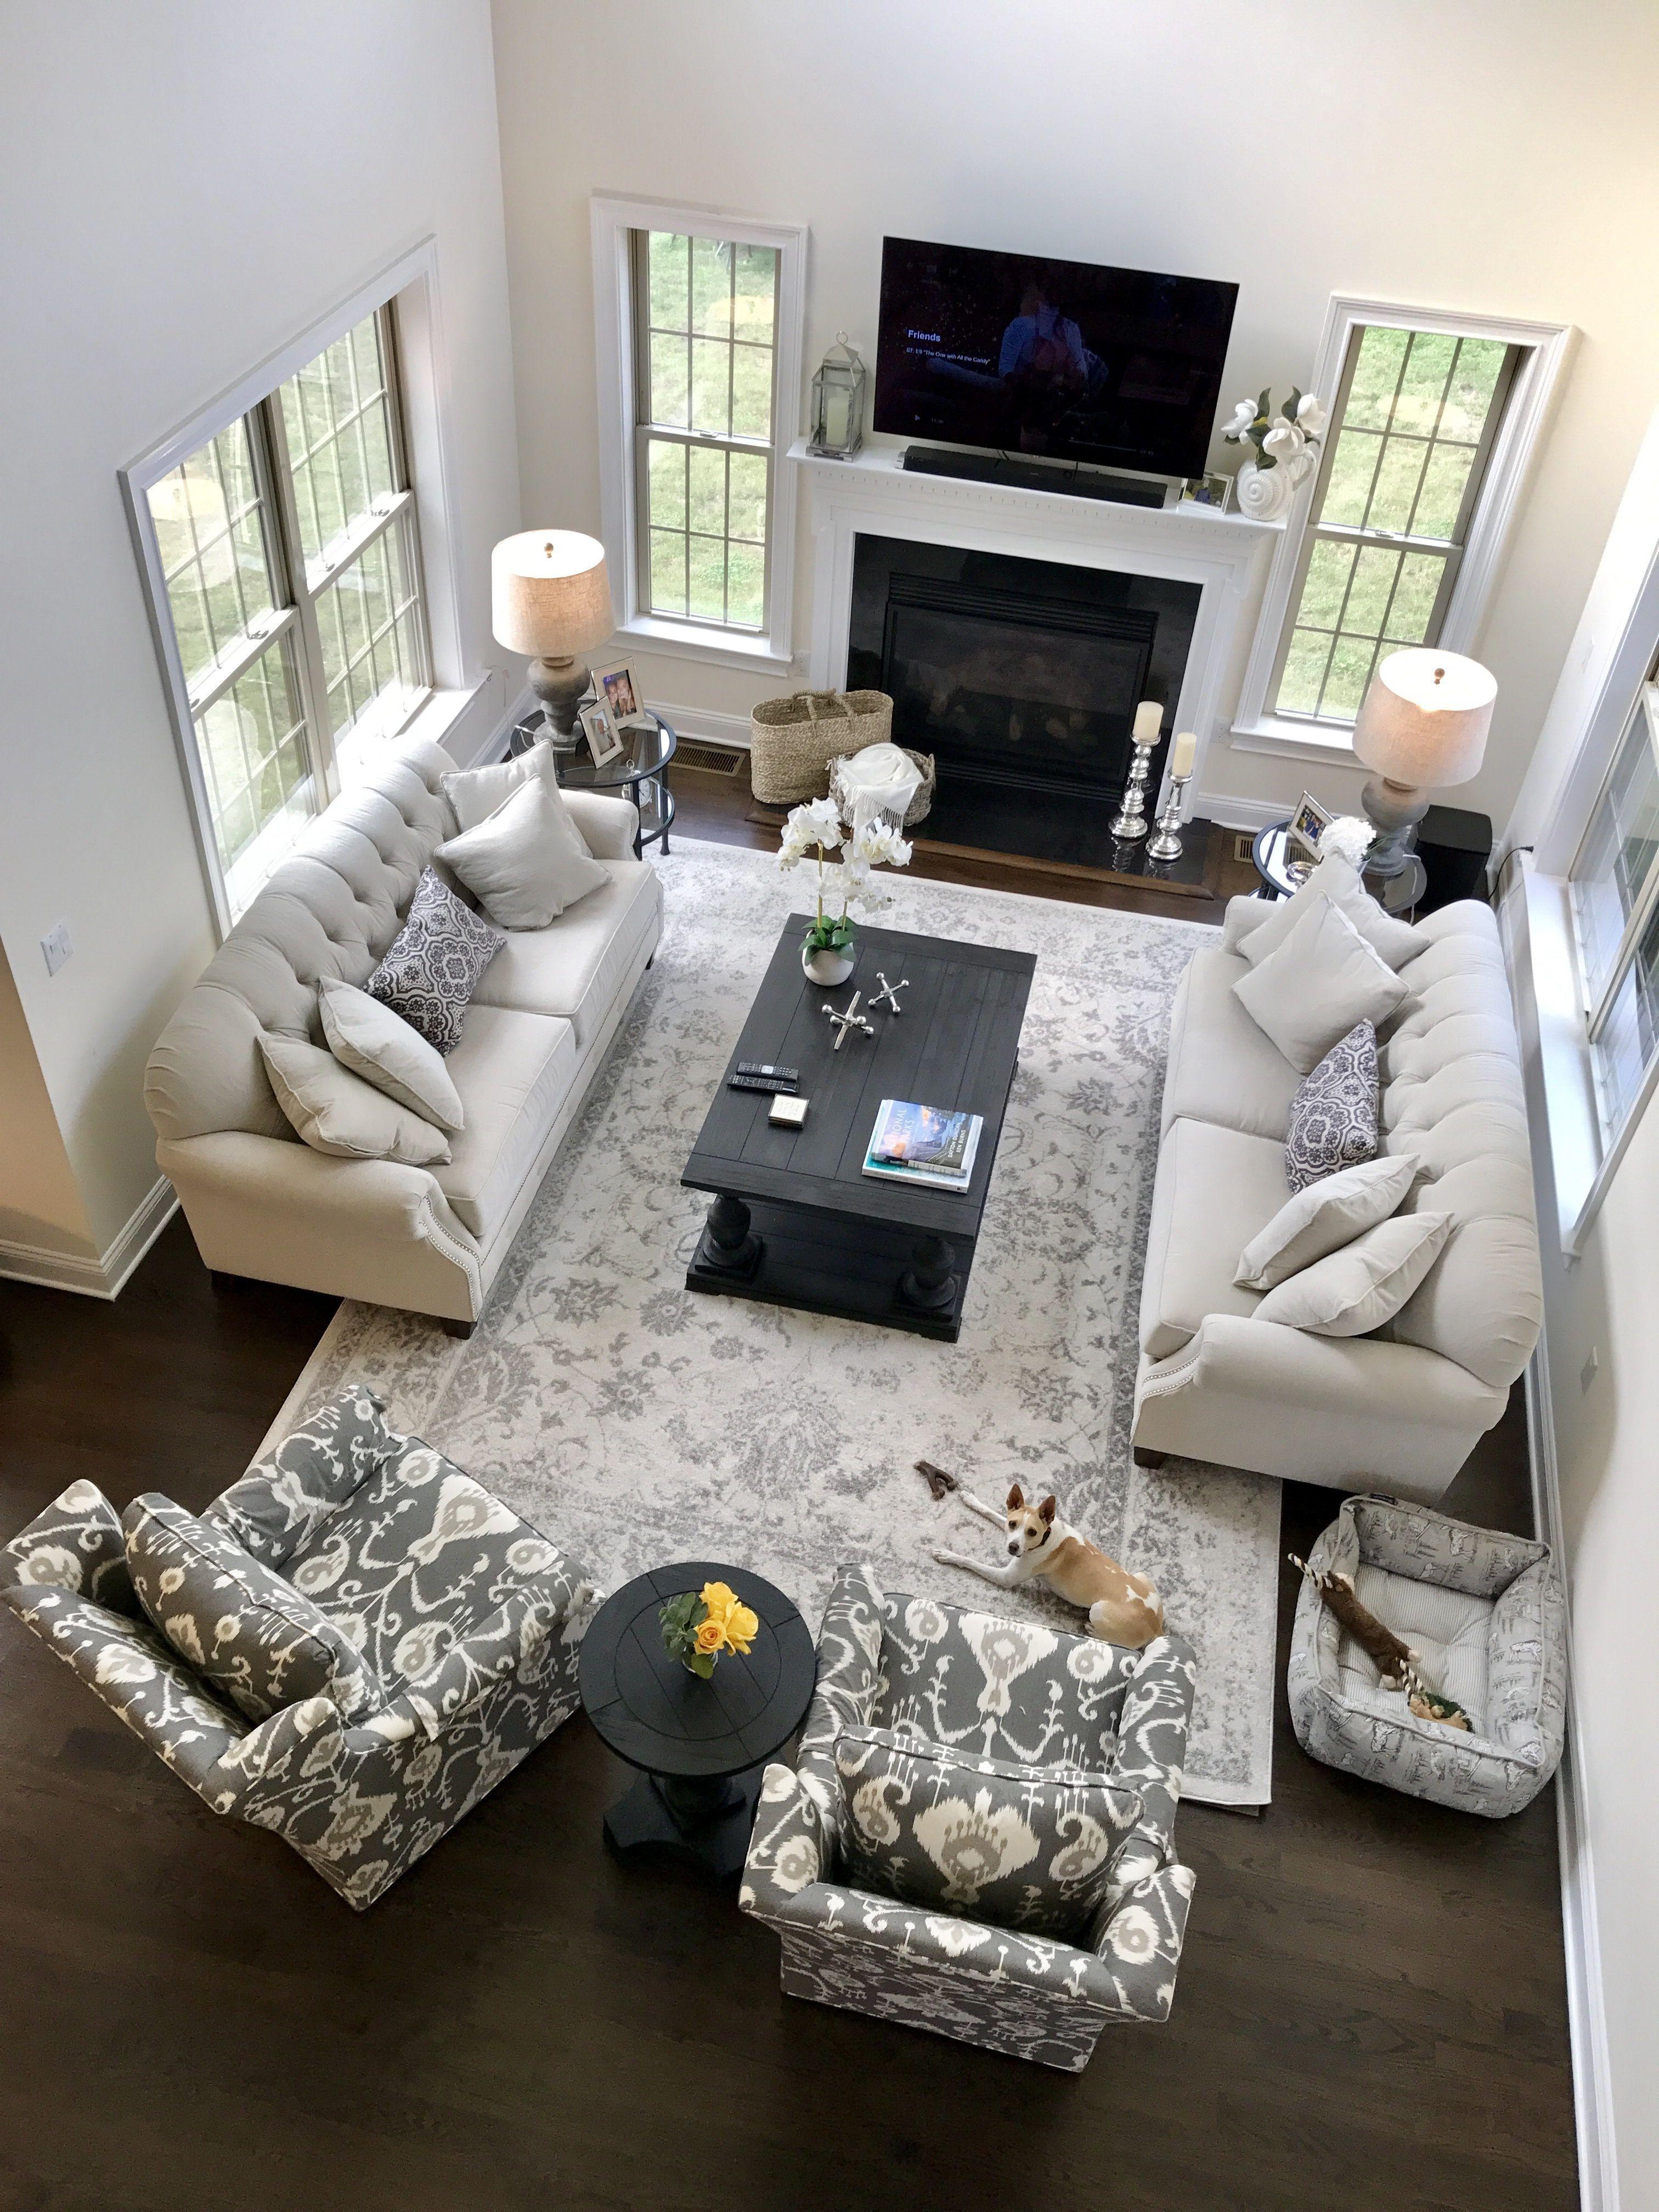 Vagabond Living Room Furniture Decor #Homes #LivingRoomFurnitureSets #livingroomideas